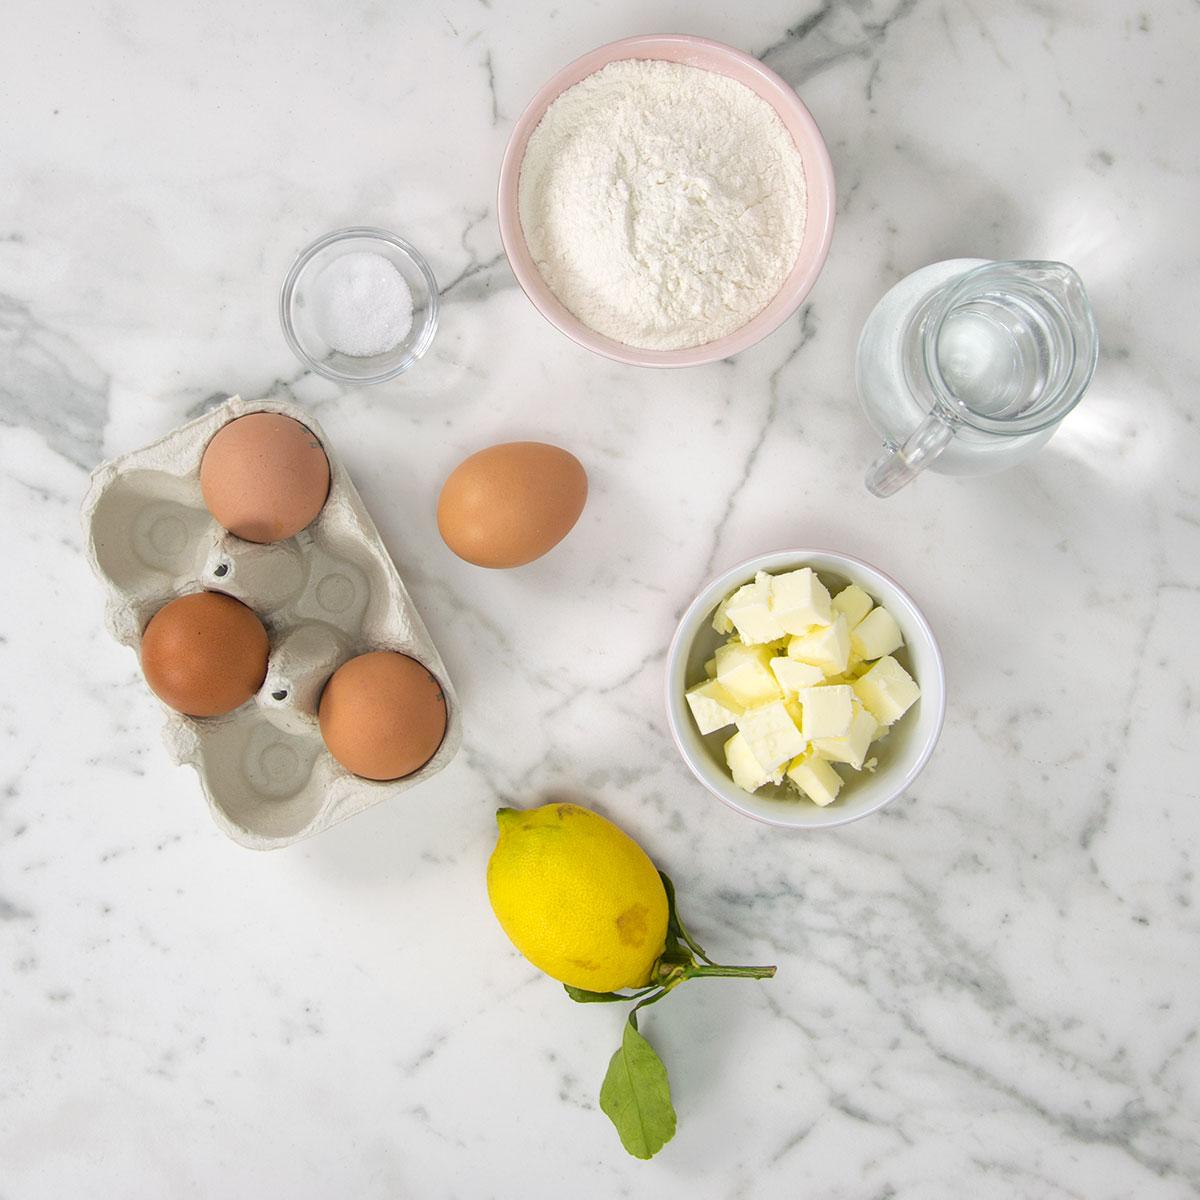 tortelli_crema_pasticcera_ingredienti